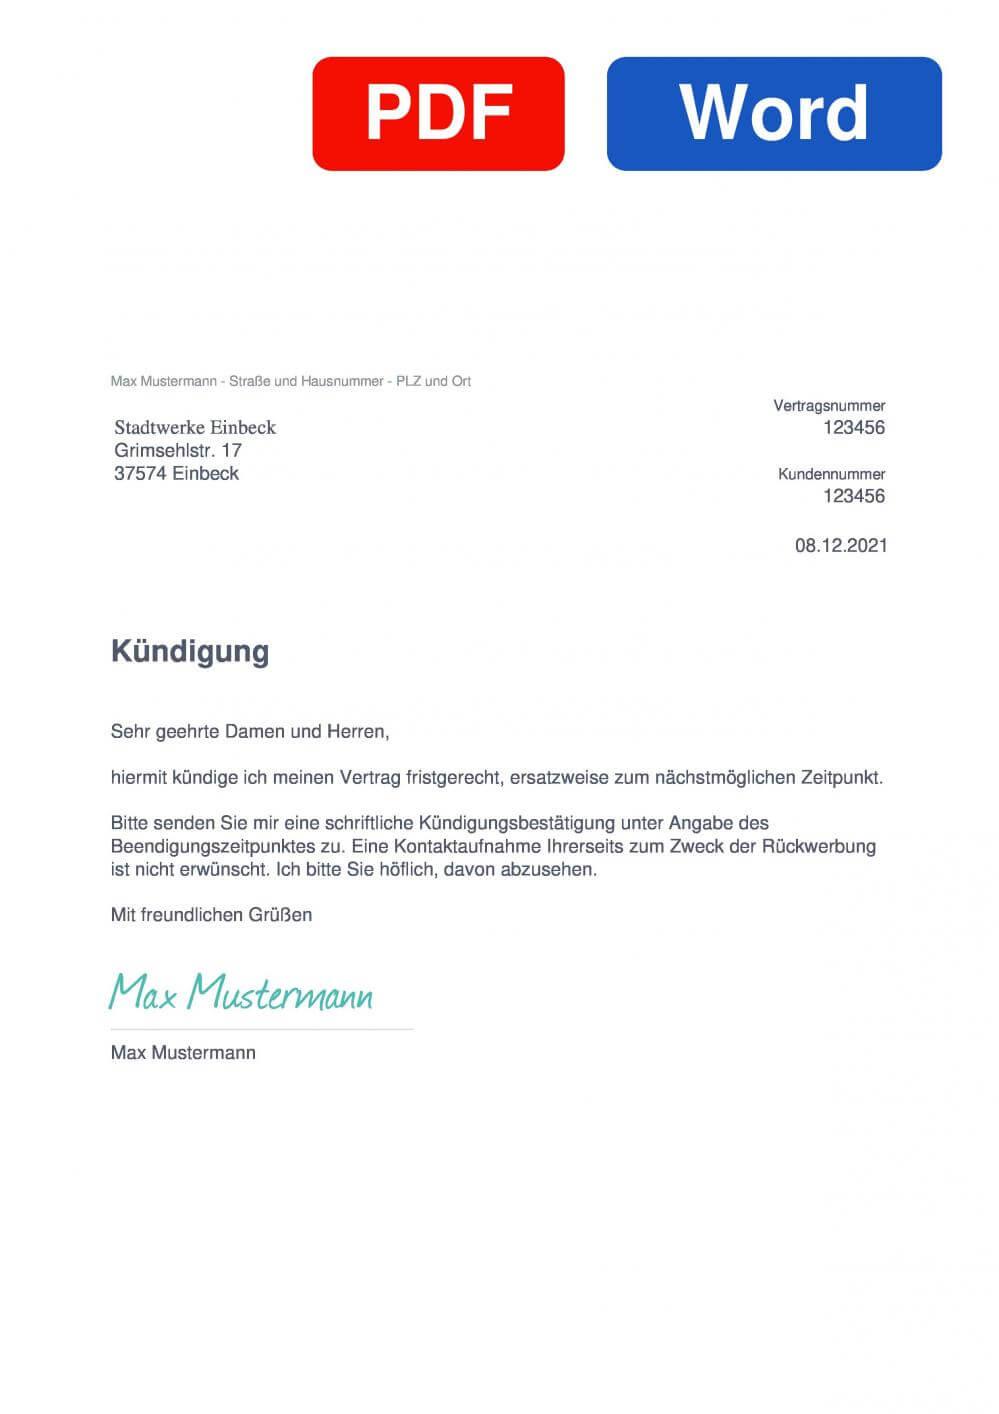 Stadtwerke Einbeck Muster Vorlage für Kündigungsschreiben